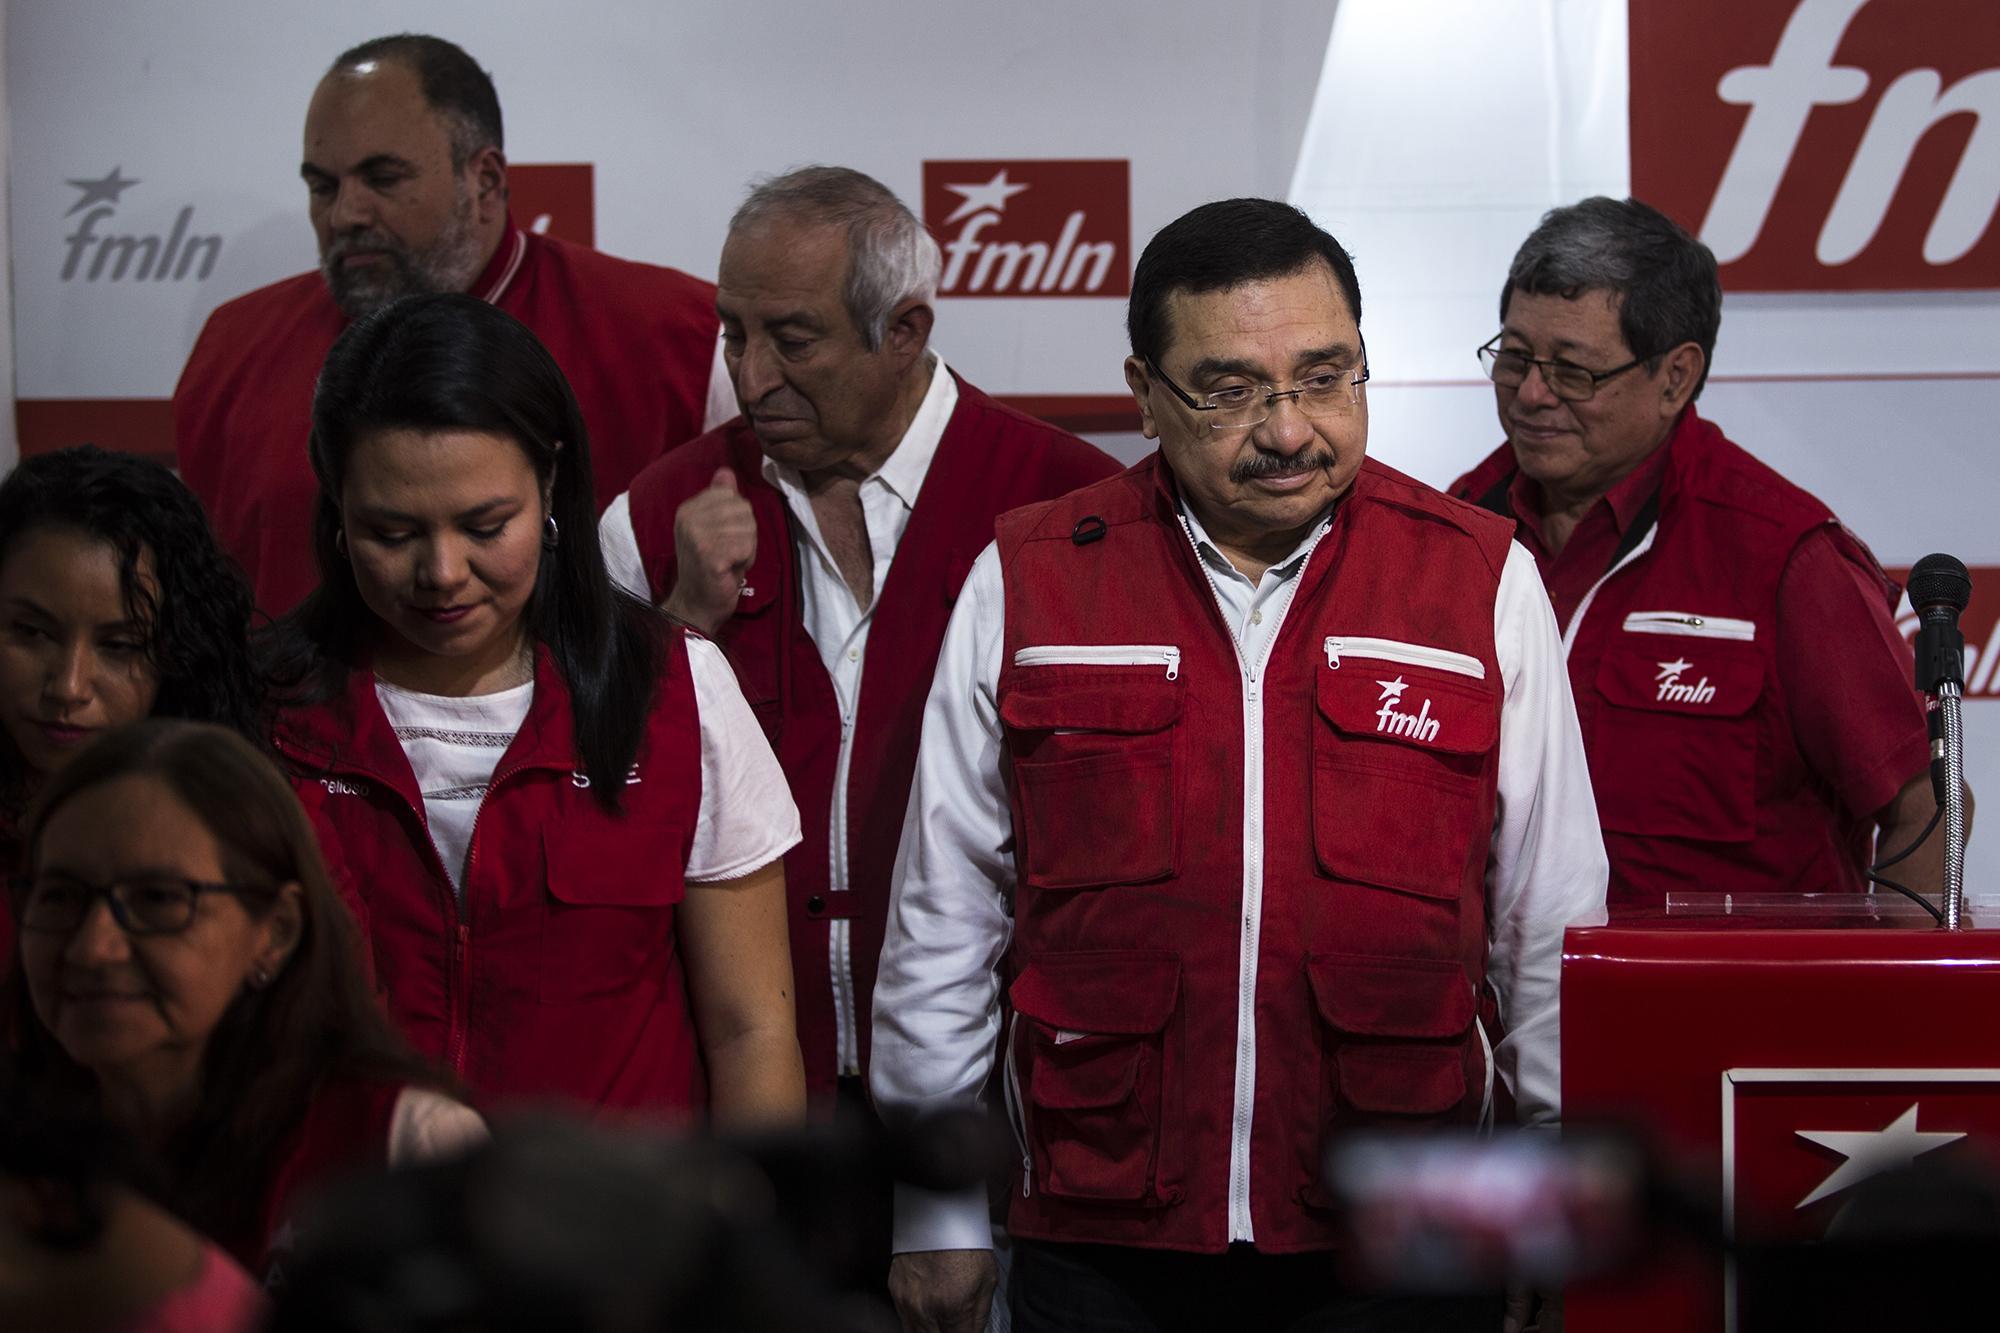 Medardo González, al centro, luego de anunciar el retiro de la cúpula del FMLN y el adelante de elecciones internas. Foto: Víctor Peña.